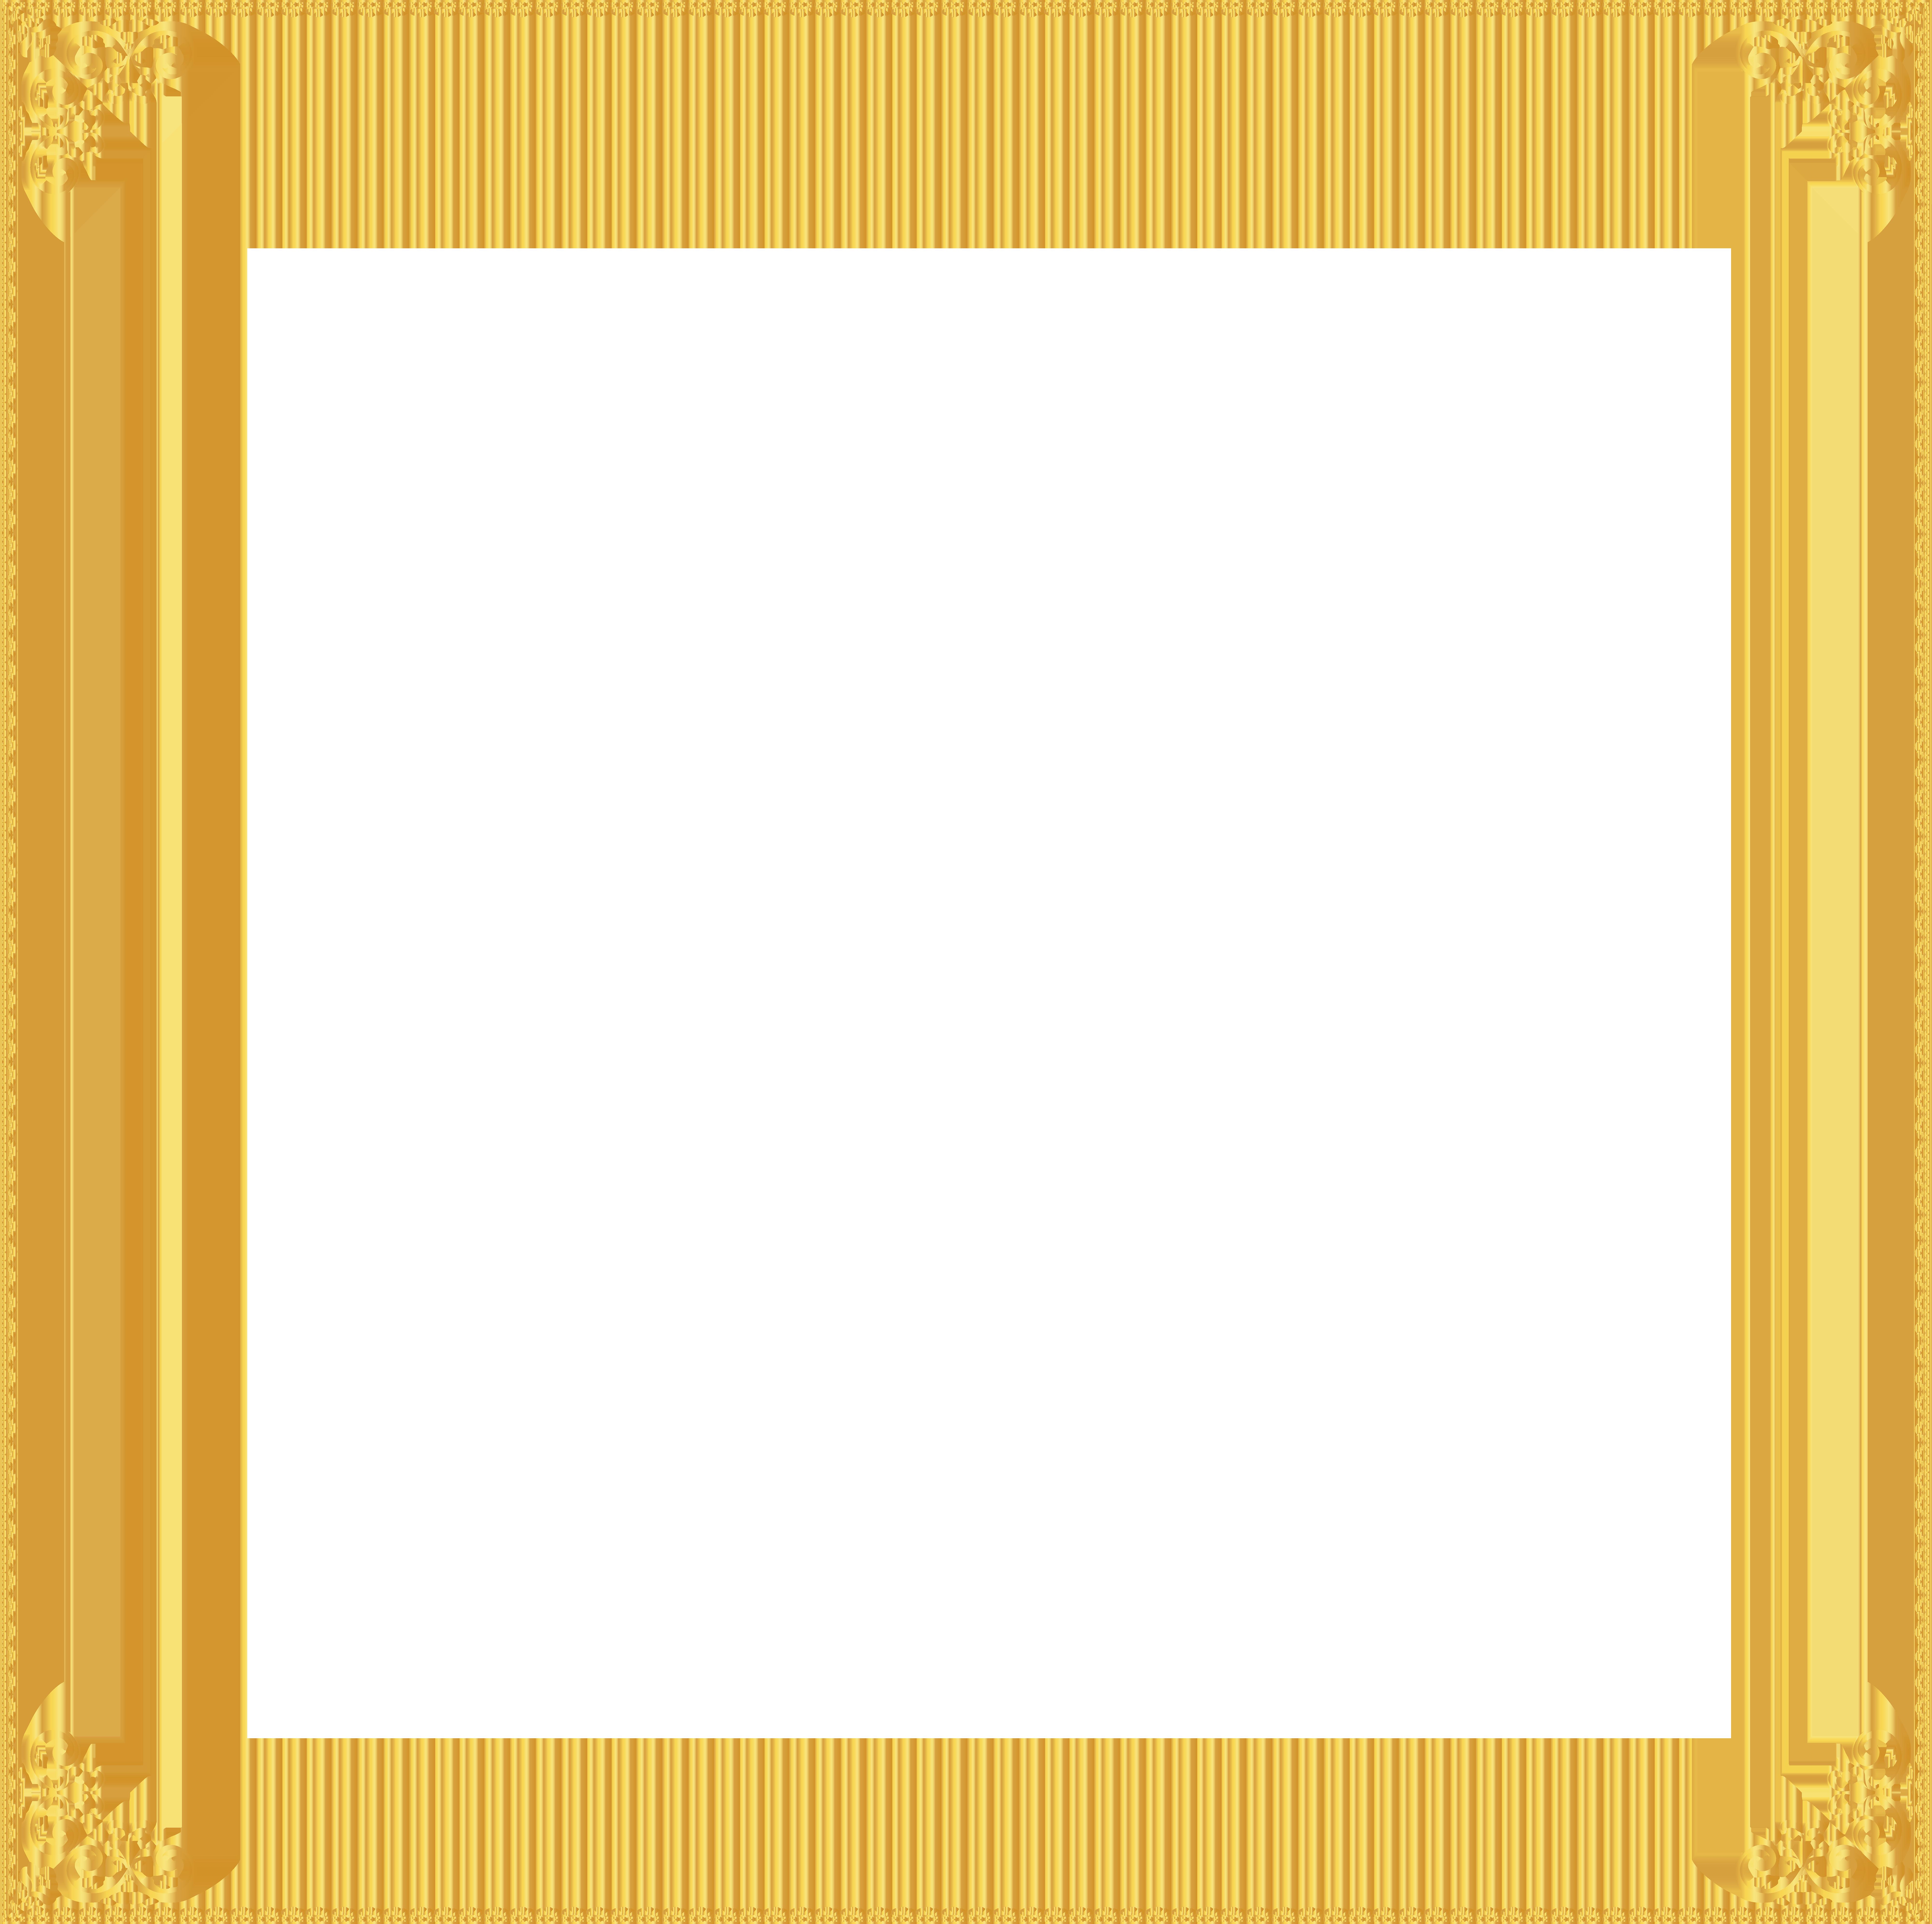 Garland clipart gold. Frame png images transparent